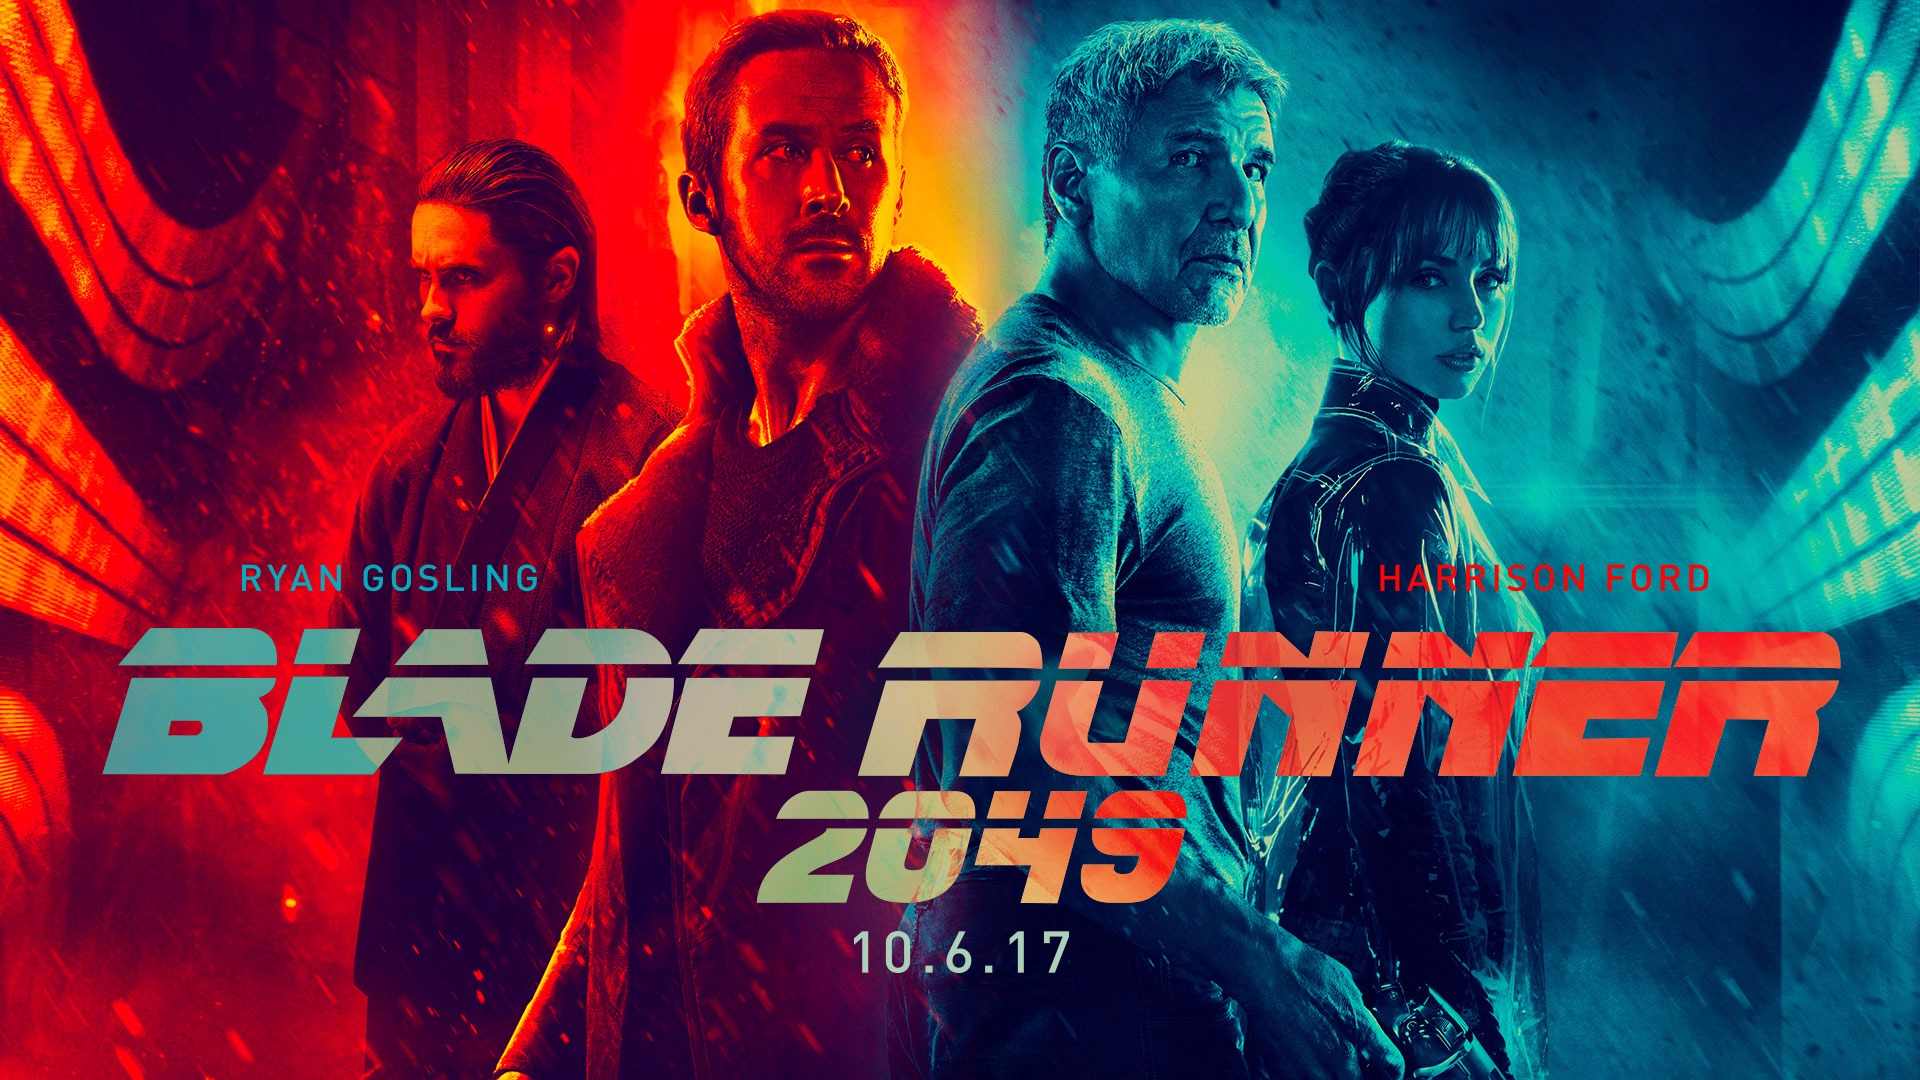 Este es el trailer de Blade Runner 2049. La primera película (Blade Runner) fue estrenada en 1983 y Ridley Scott fue su director.